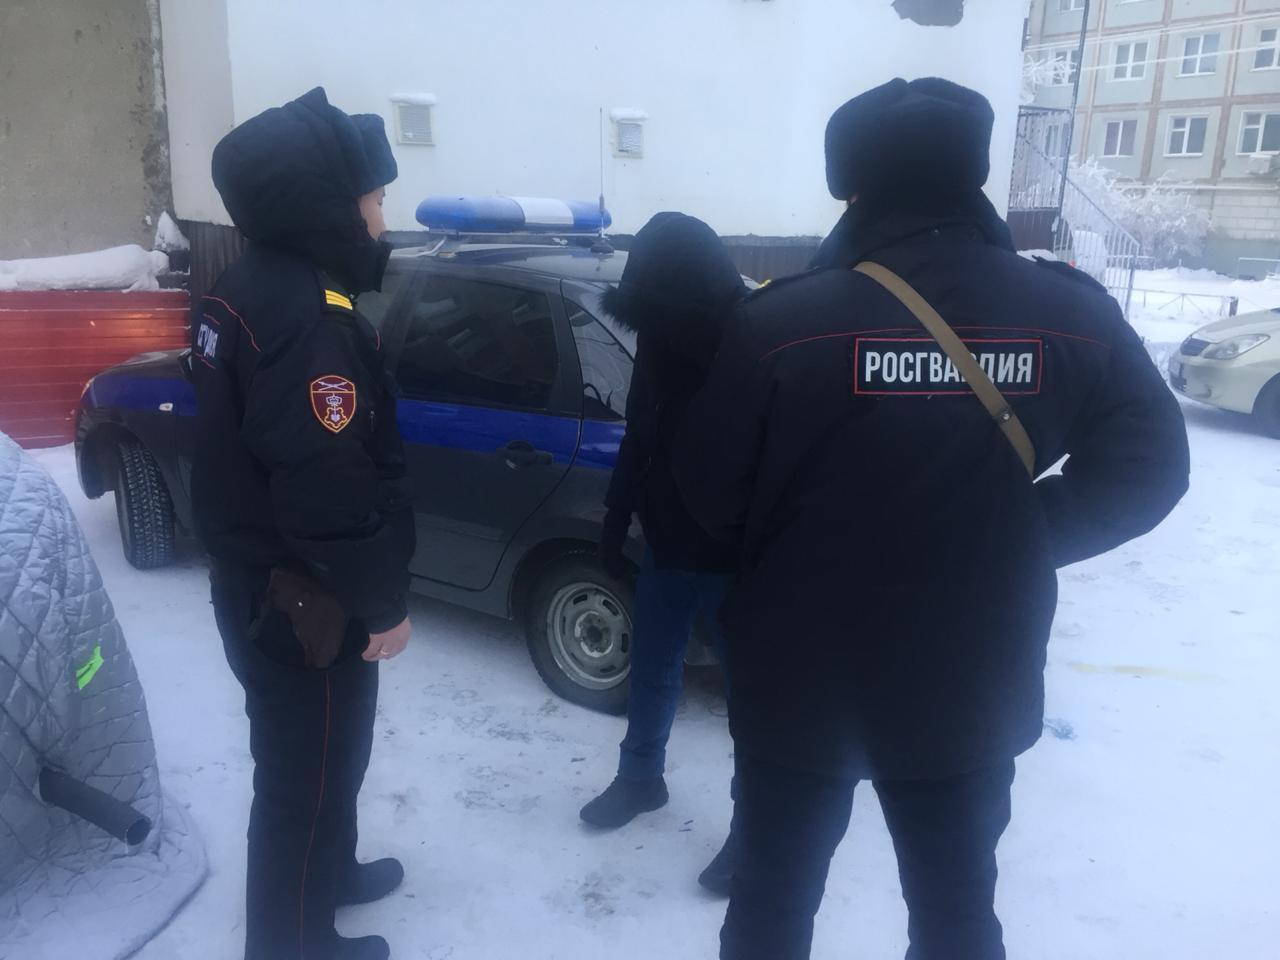 В Якутске задержан находящийся в федеральном розыске уроженец Вологодской области